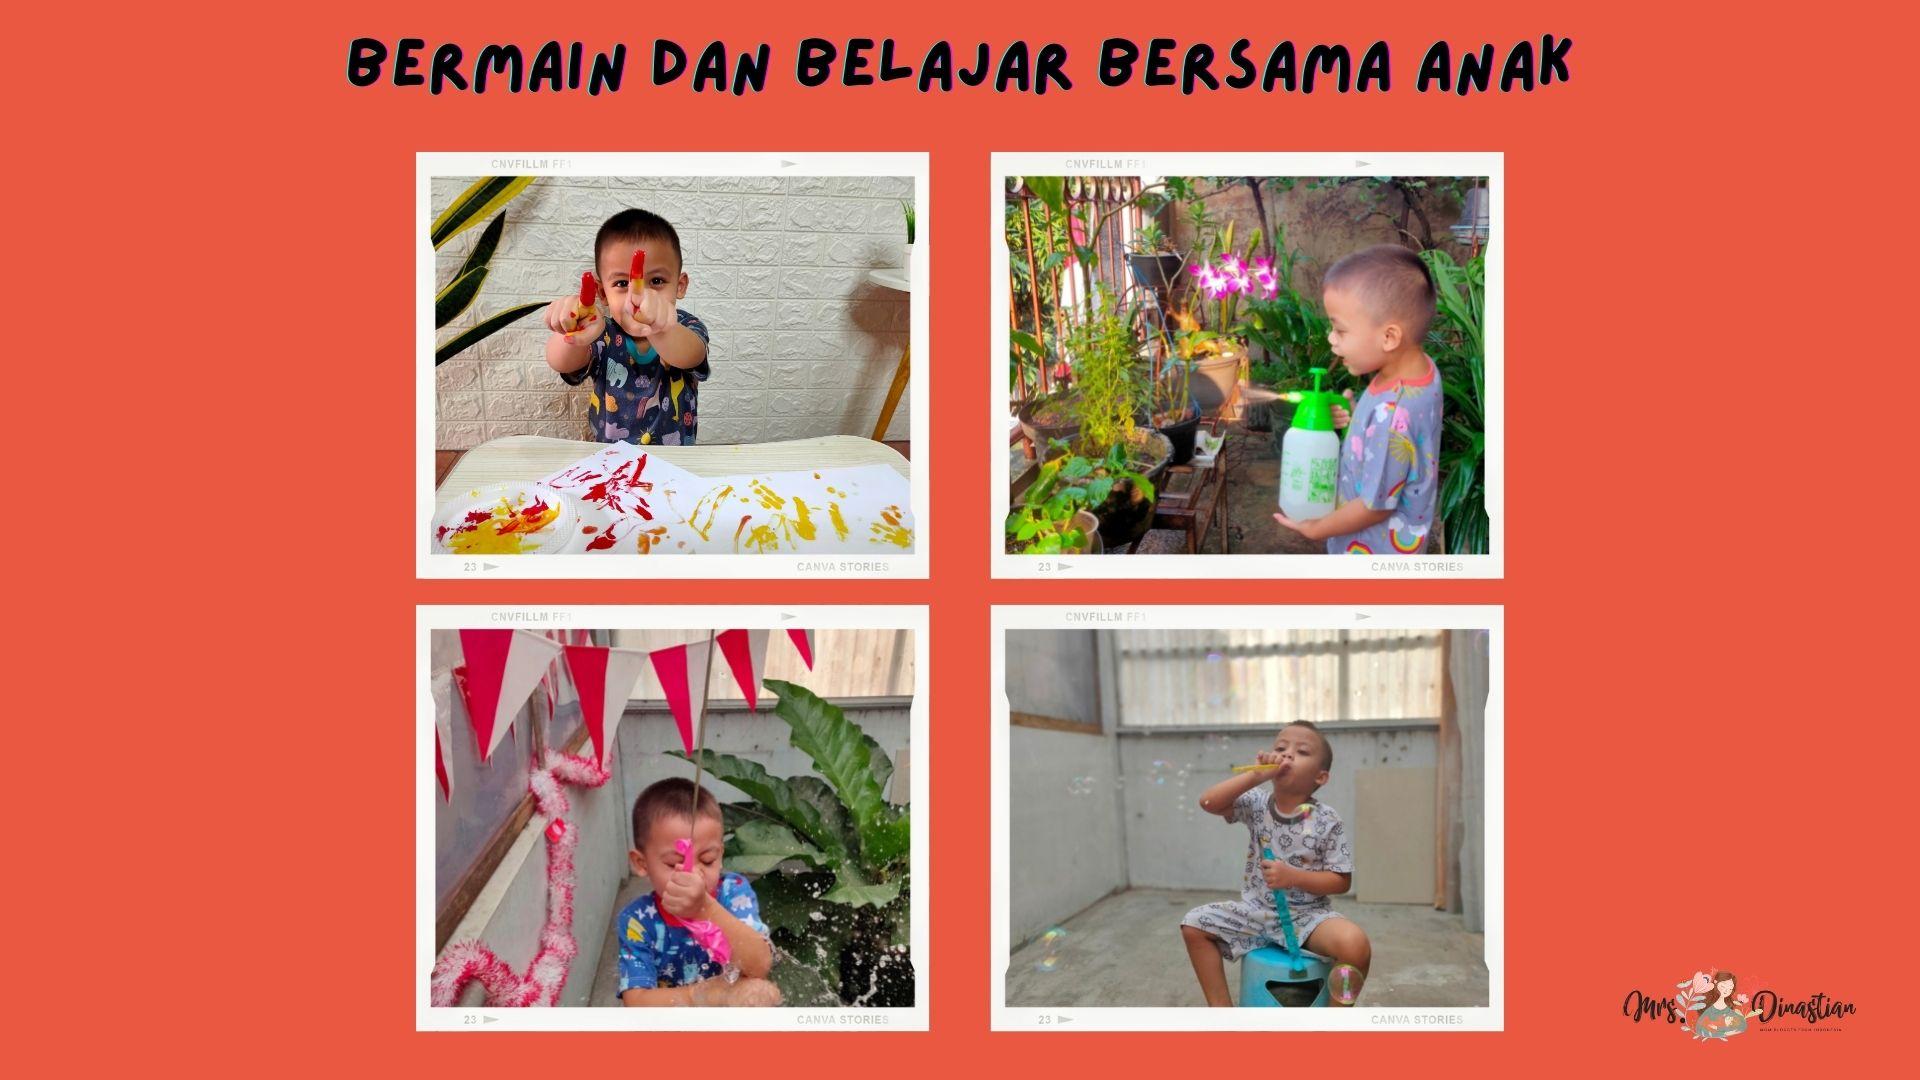 bermain dan belajar bersama anak